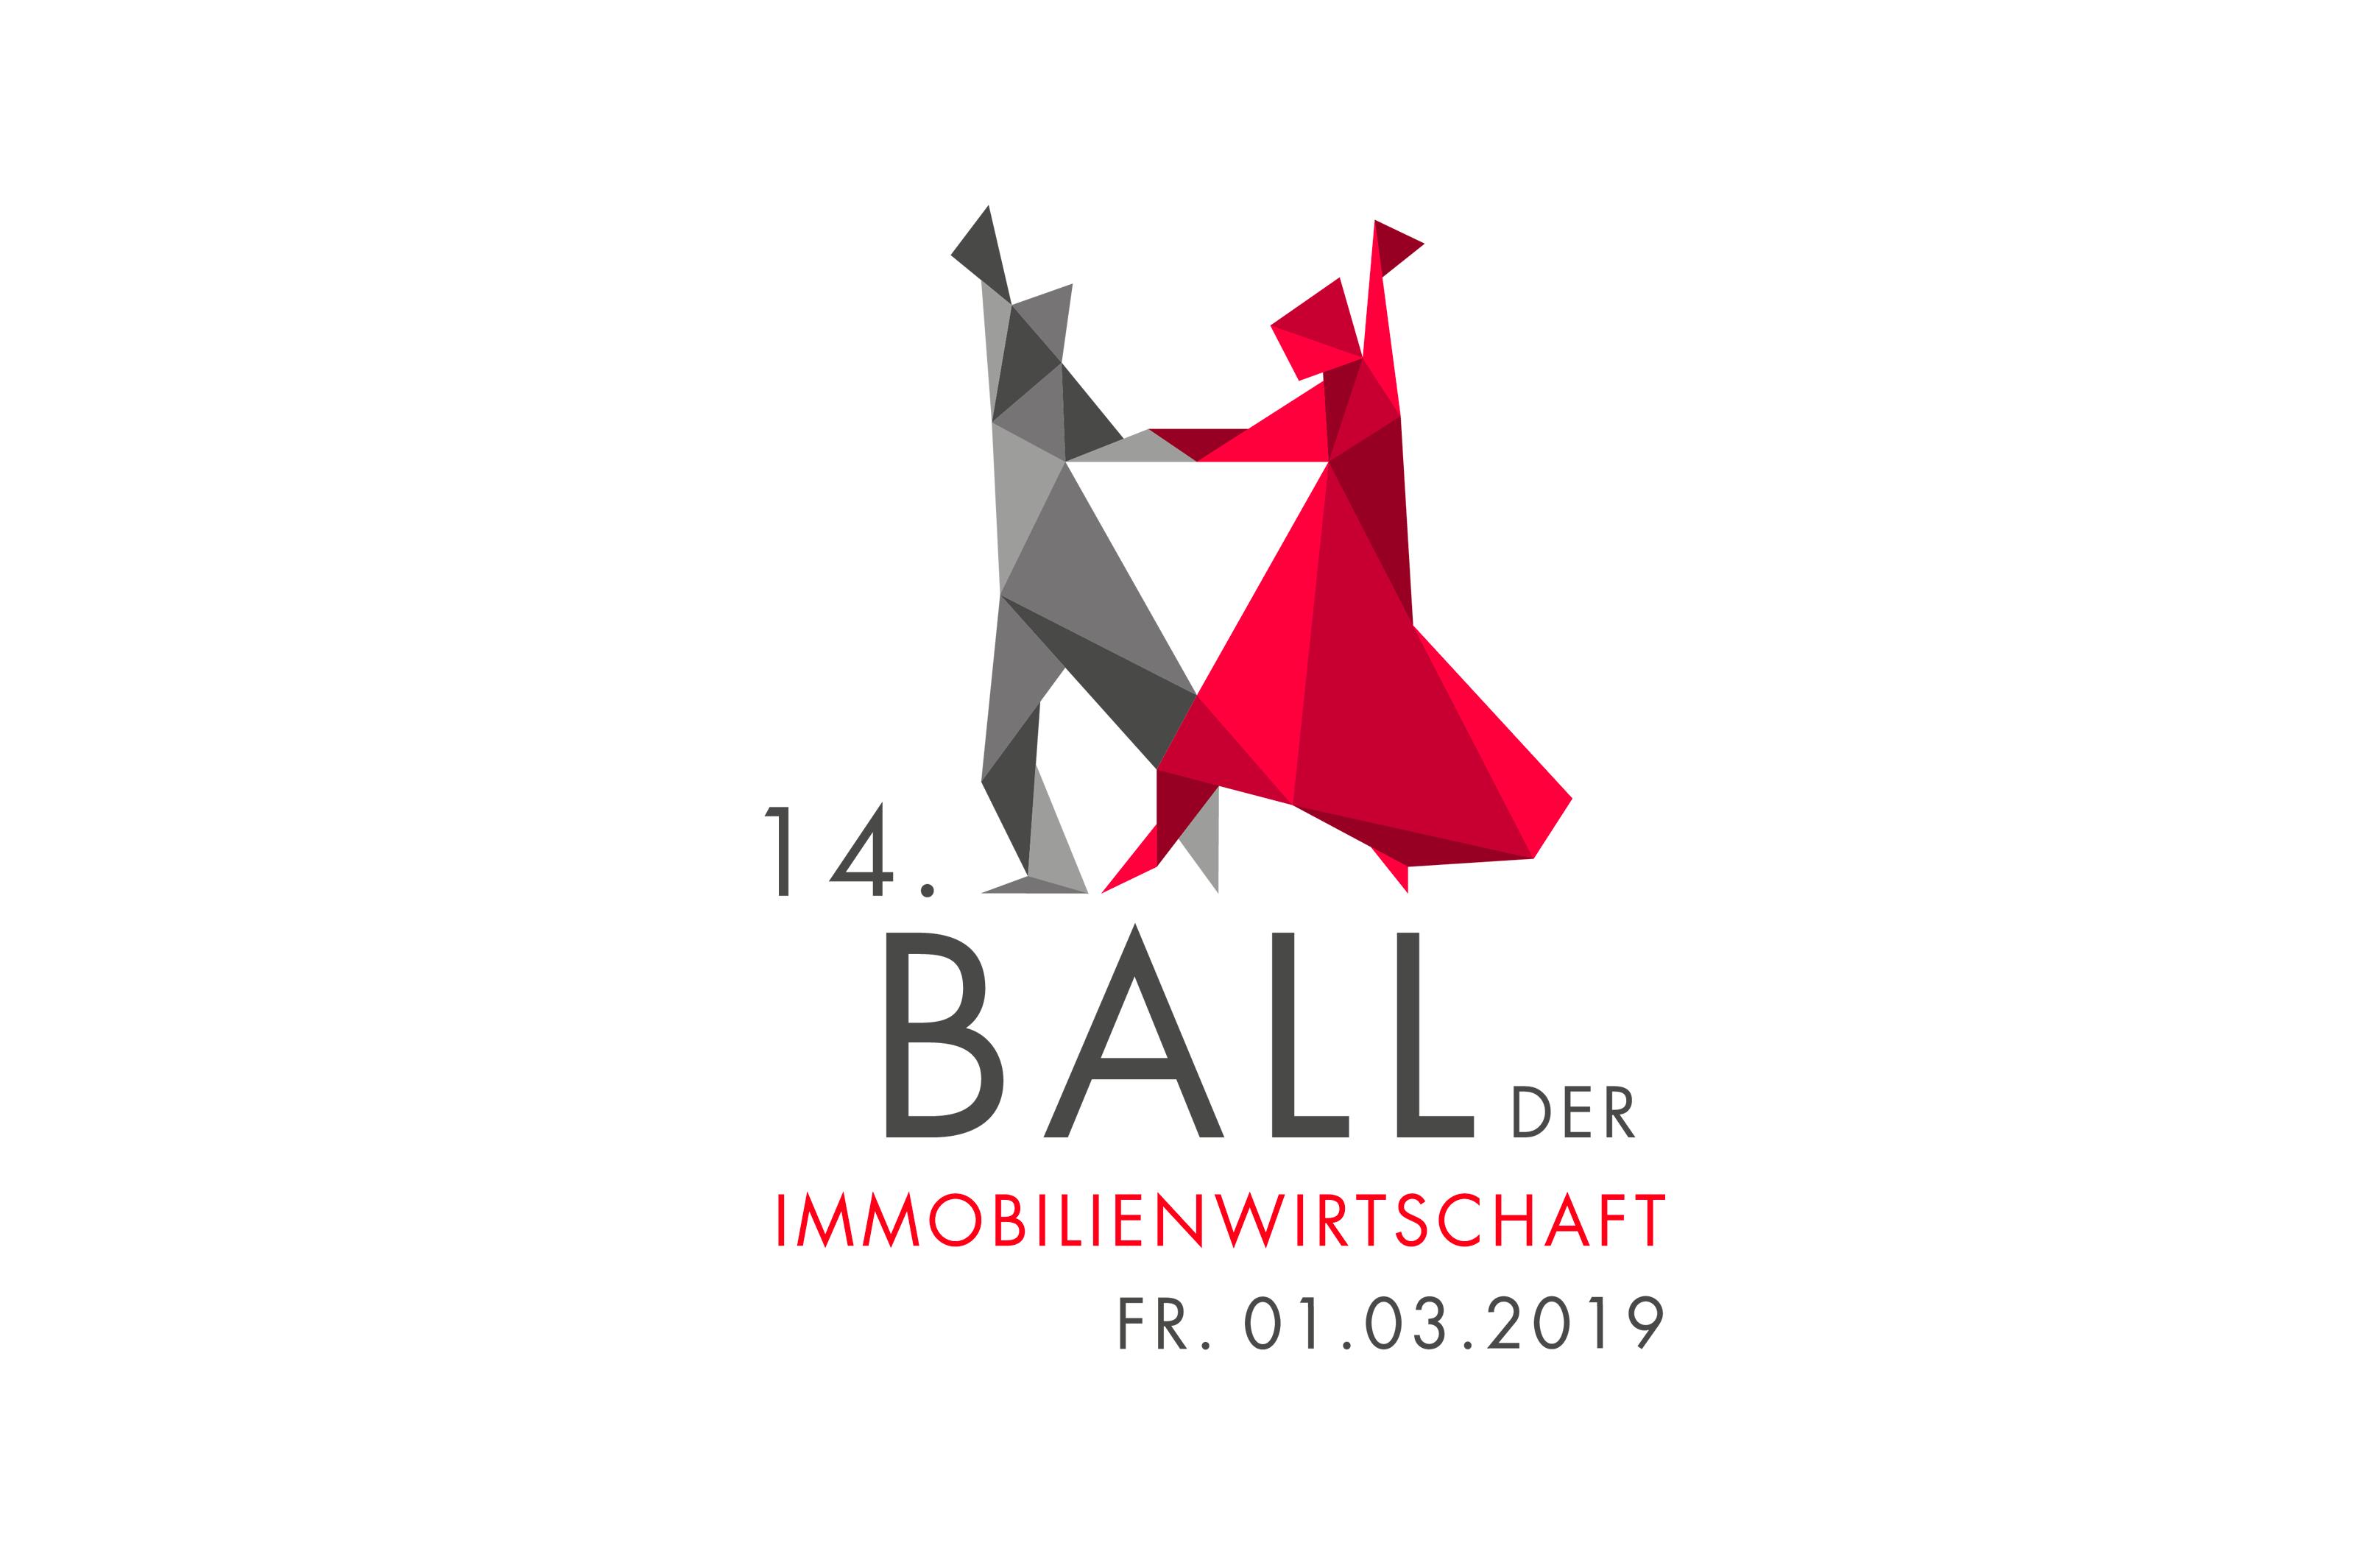 MODESTA REAL ESTATE AUF DEM BALL DER ÖSTERREICHISCHEN IMMOBILIENWIRTSCHAFT